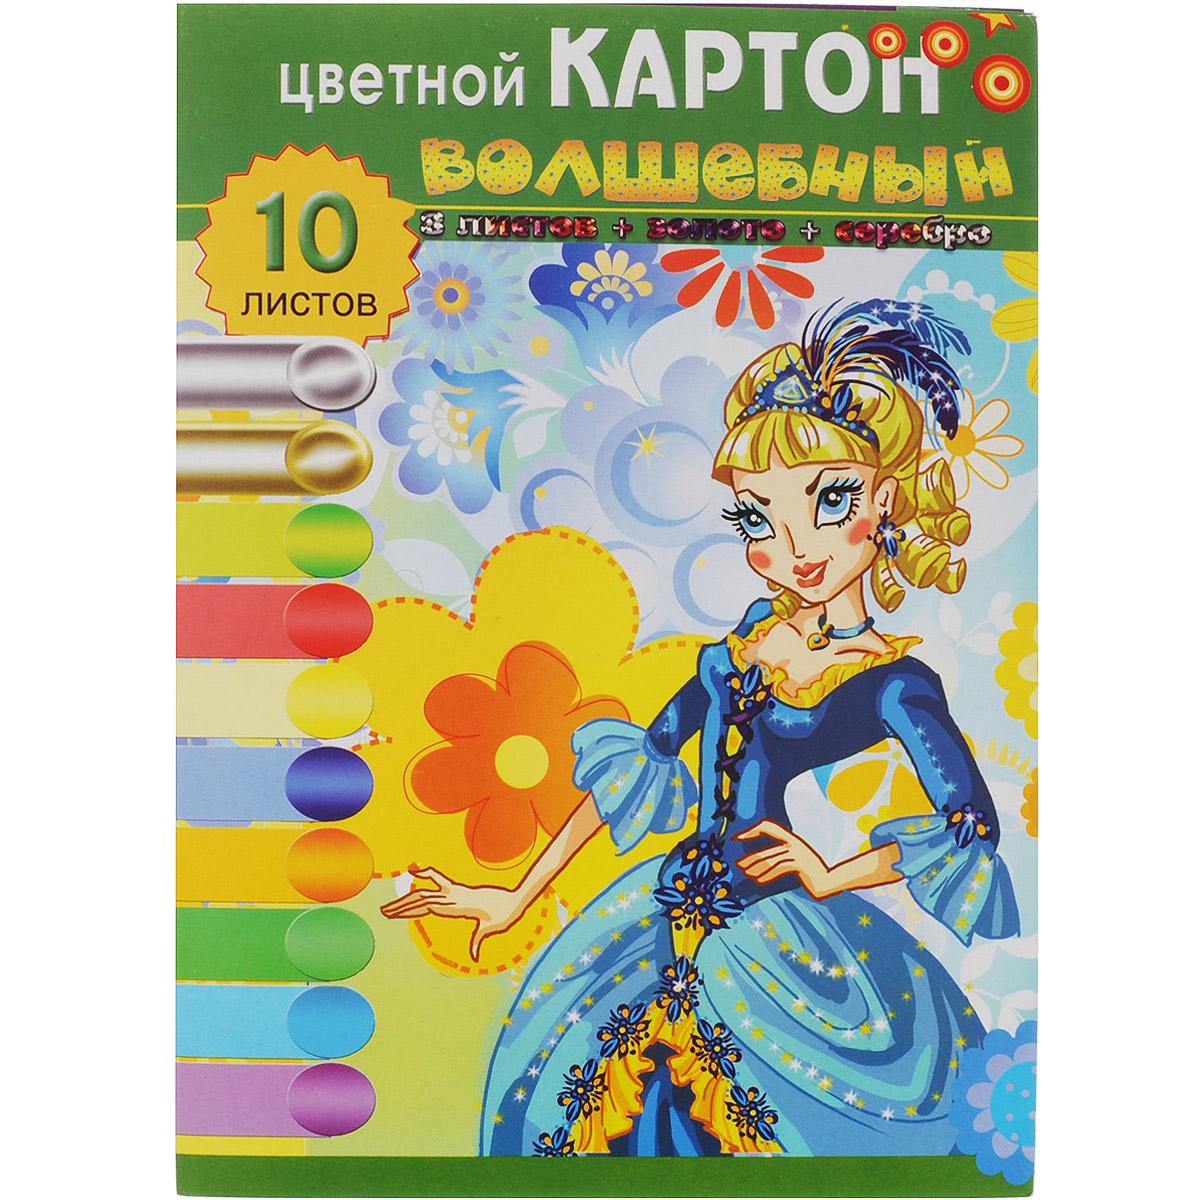 Цветной картон Триумф Принцесса, 10 цветов1126-304Цветной картон Триумф Принцесса отлично подойдет для творческих занятий в детском саду, школе или дома. Картон упакован в яркую картонную папку, оформленную рисунком с изображением принцессы. Упаковка содержит восемь листов картона разных цветов (оранжевый, зеленый, желтый, черный, белый, синий, фиолетовый, красный) и два листа - золотого и серебряного цвета. Создание поделок и аппликаций из картона - это увлекательный досуг, который позволяет ребенку развивать свои творческие способности. Рекомендуемый возраст: от 3 лет.